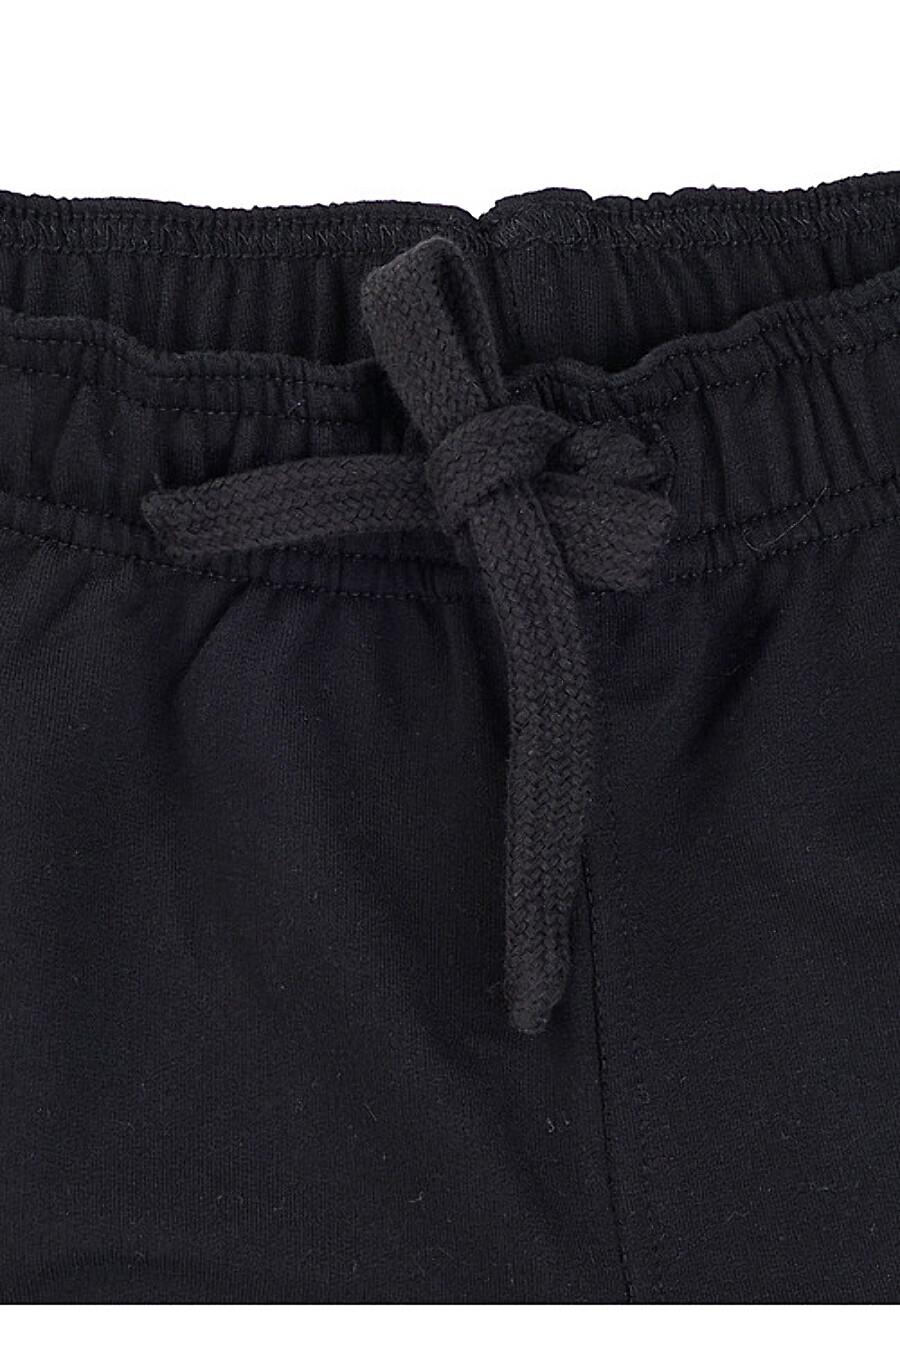 Брюки для мальчиков CLEVER 155621 купить оптом от производителя. Совместная покупка детской одежды в OptMoyo